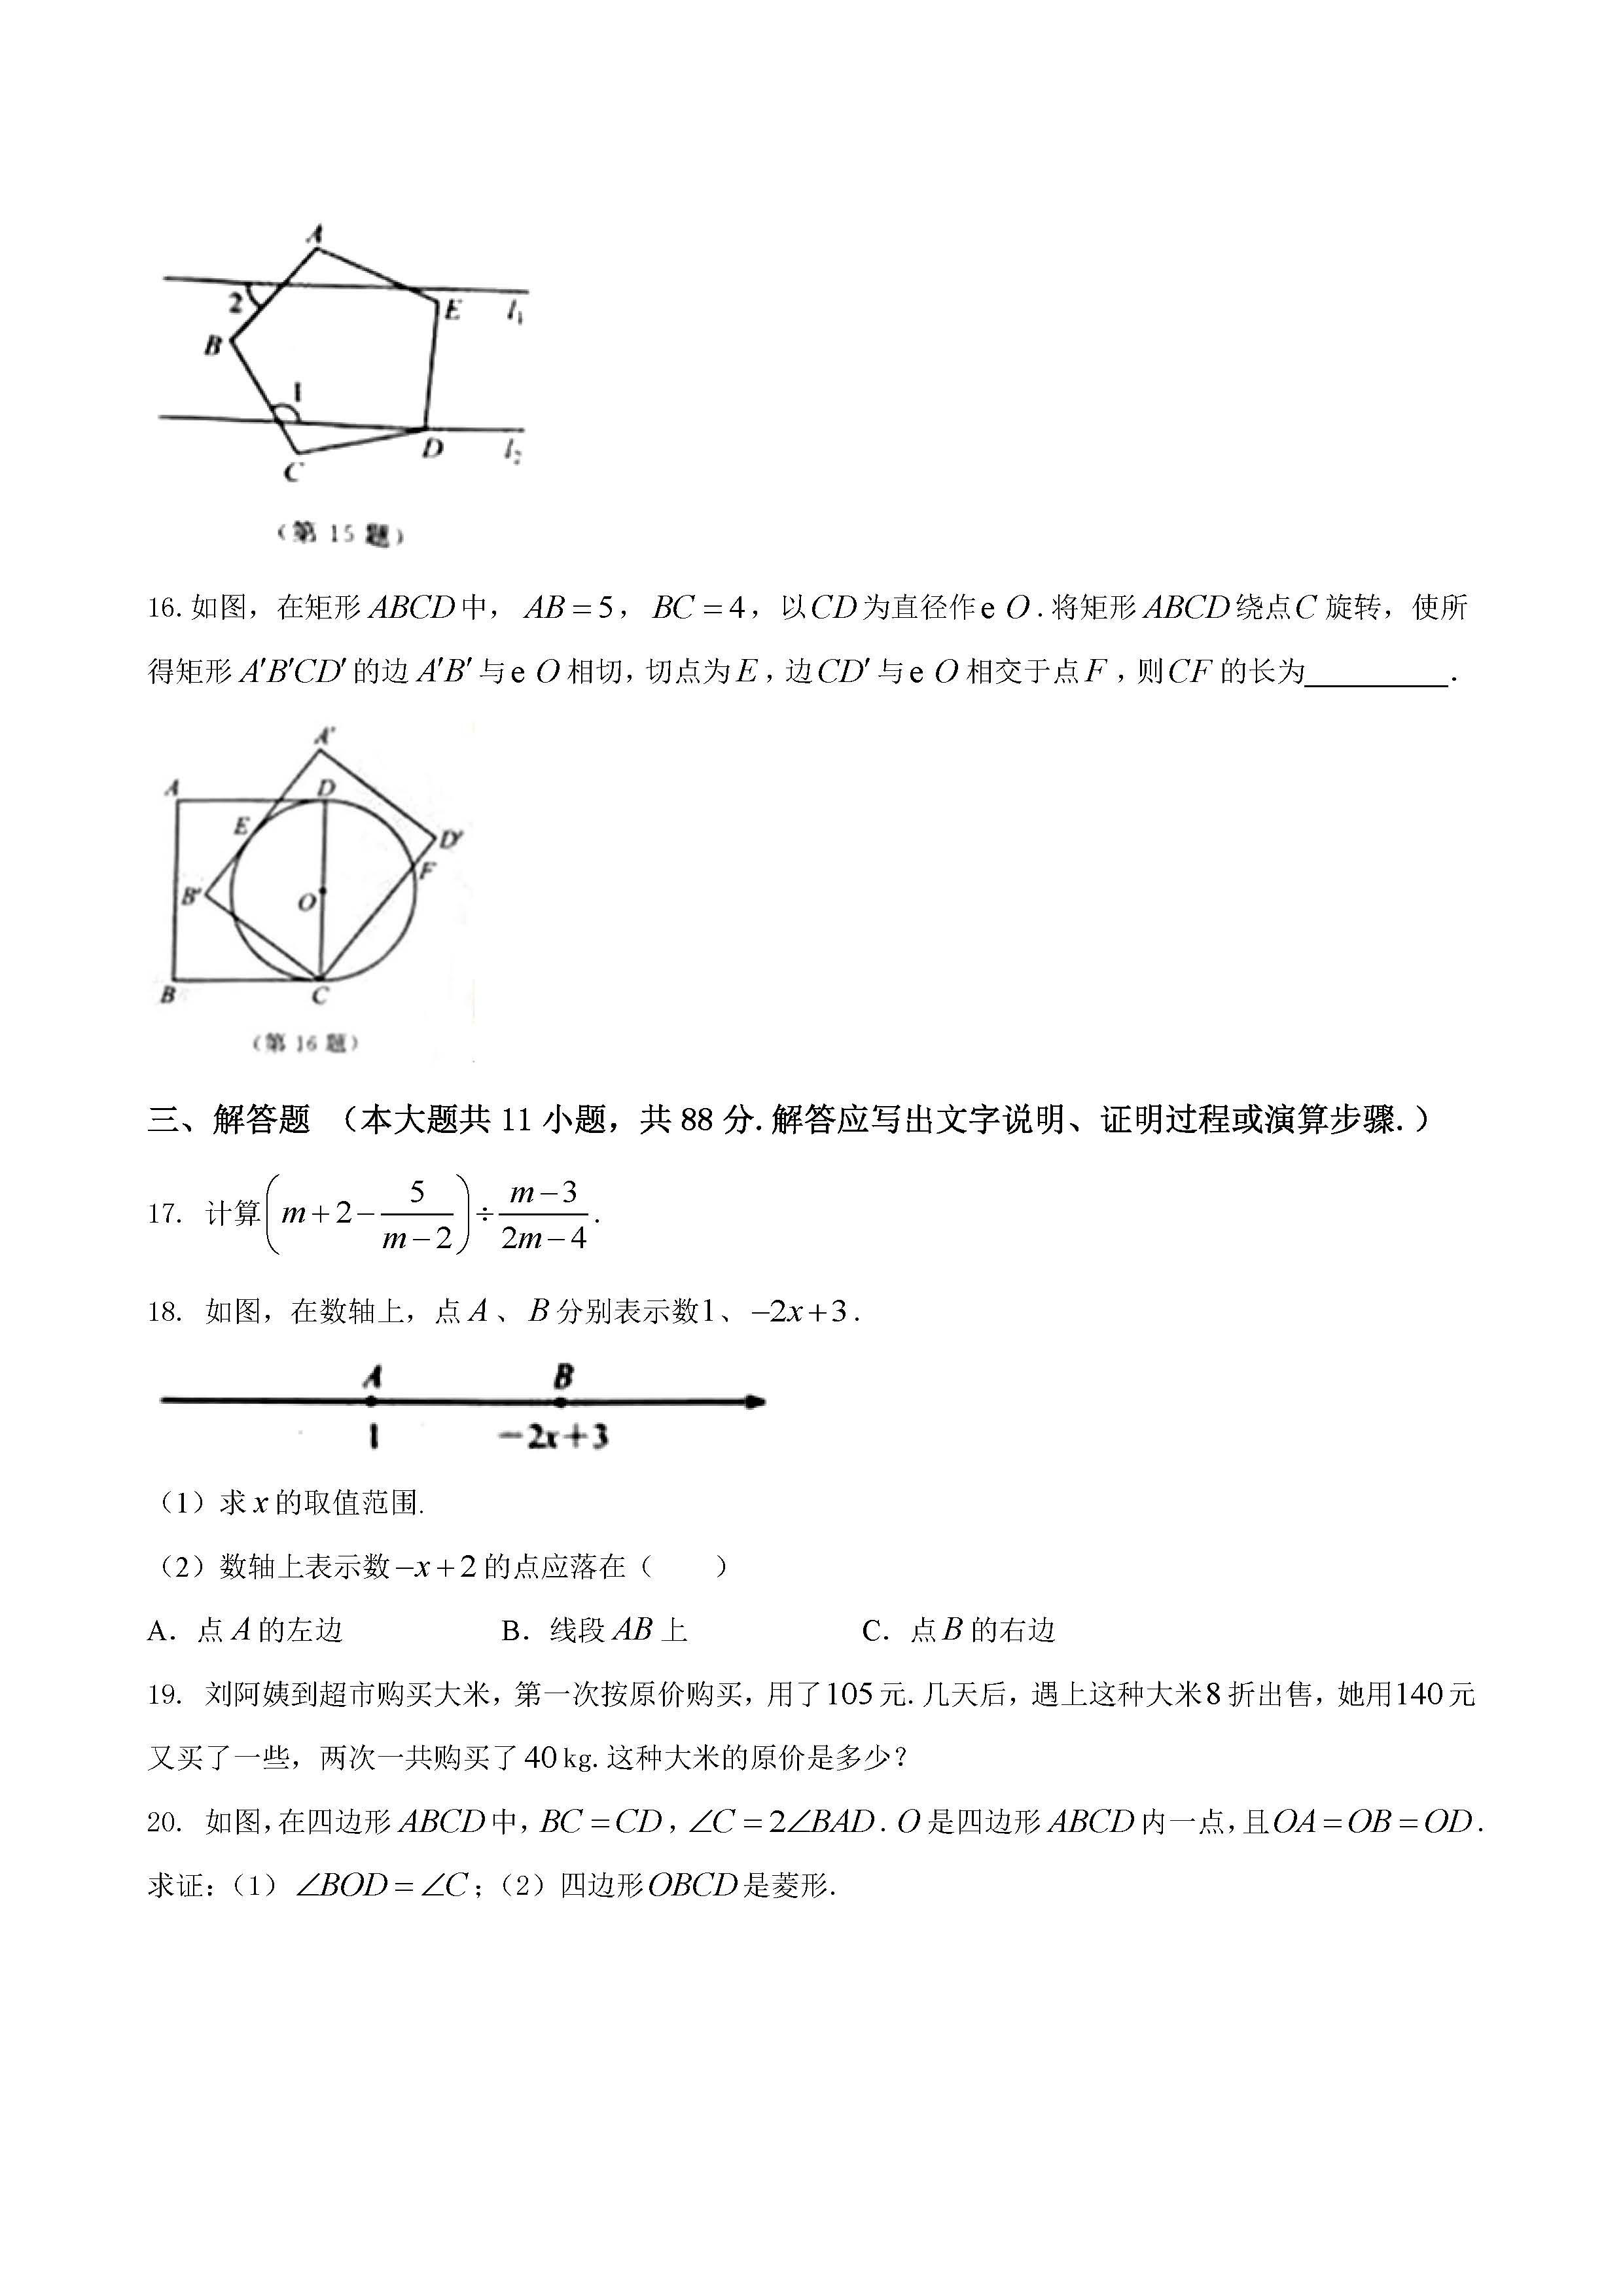 2018年江苏南京中考数学真题及答案已公布